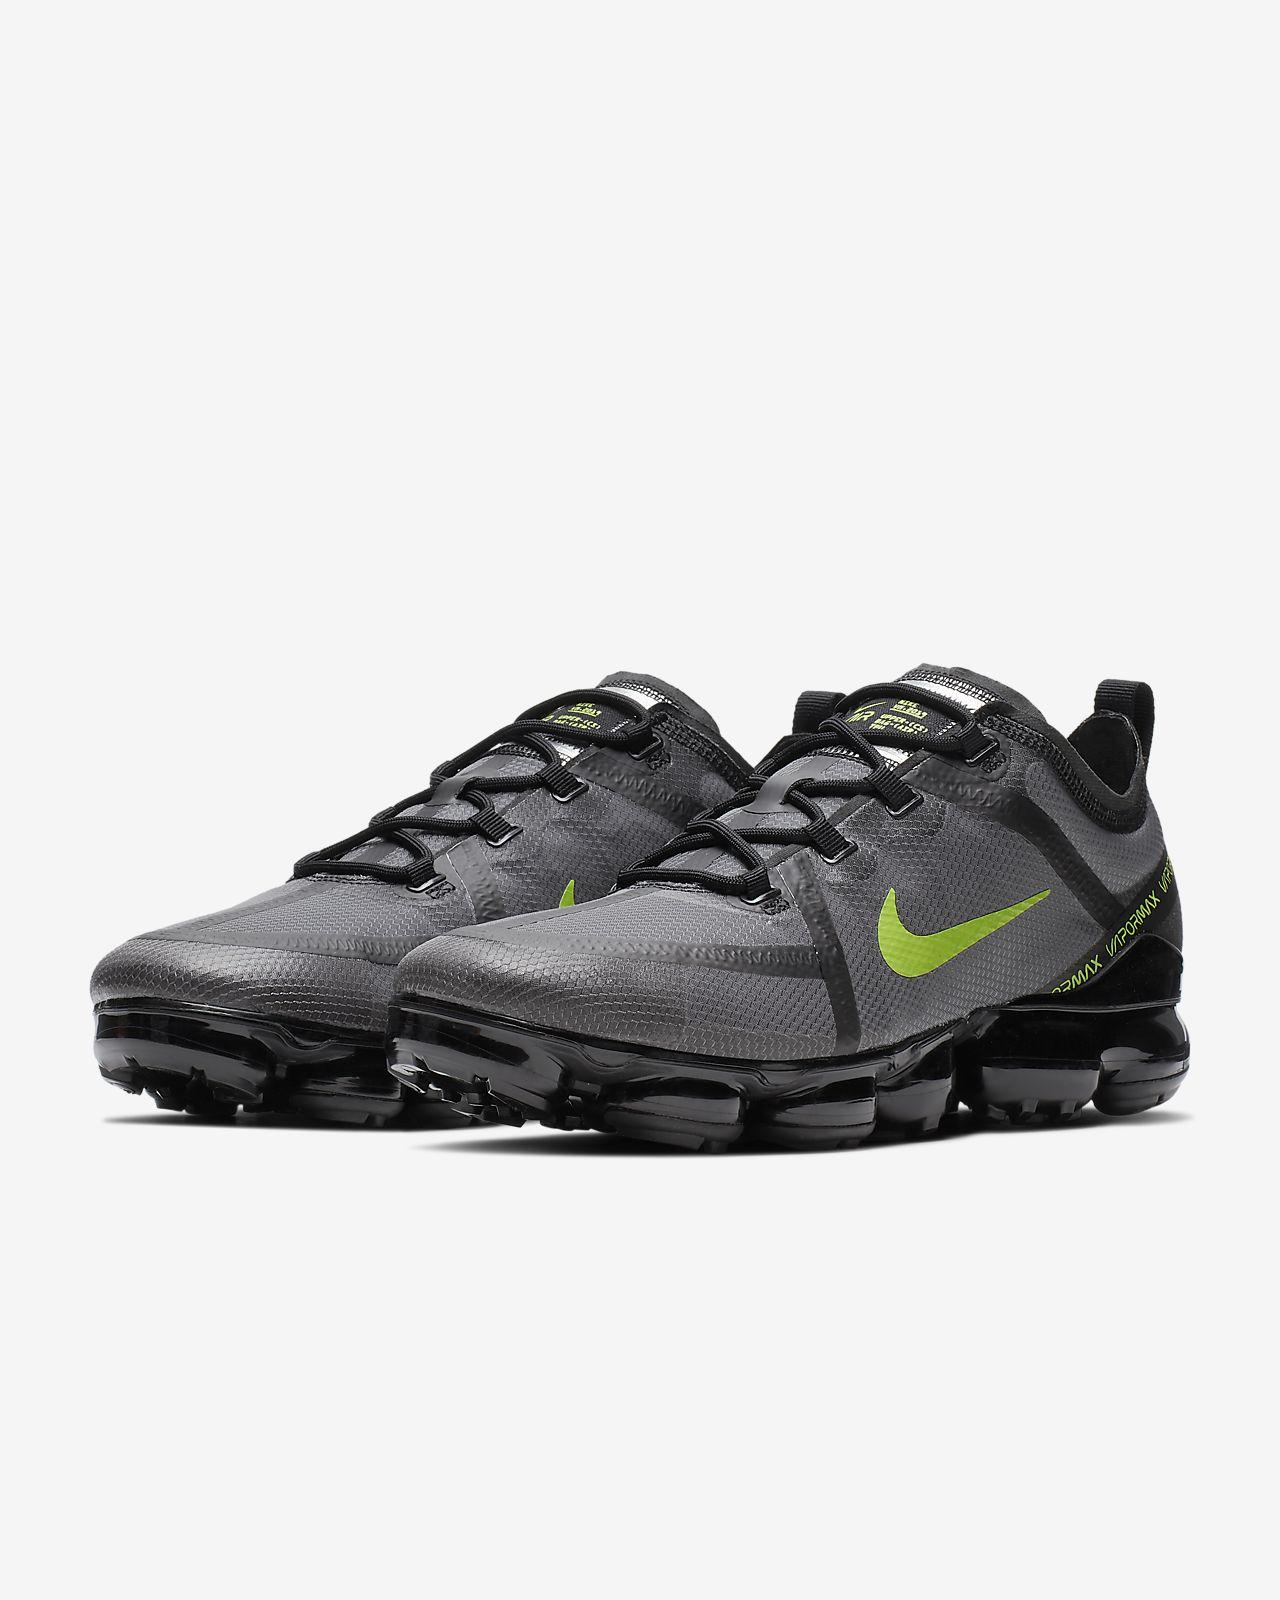 best website e0f05 15efd Negozio di sconti online,Scarpa Nike Uomo 2019